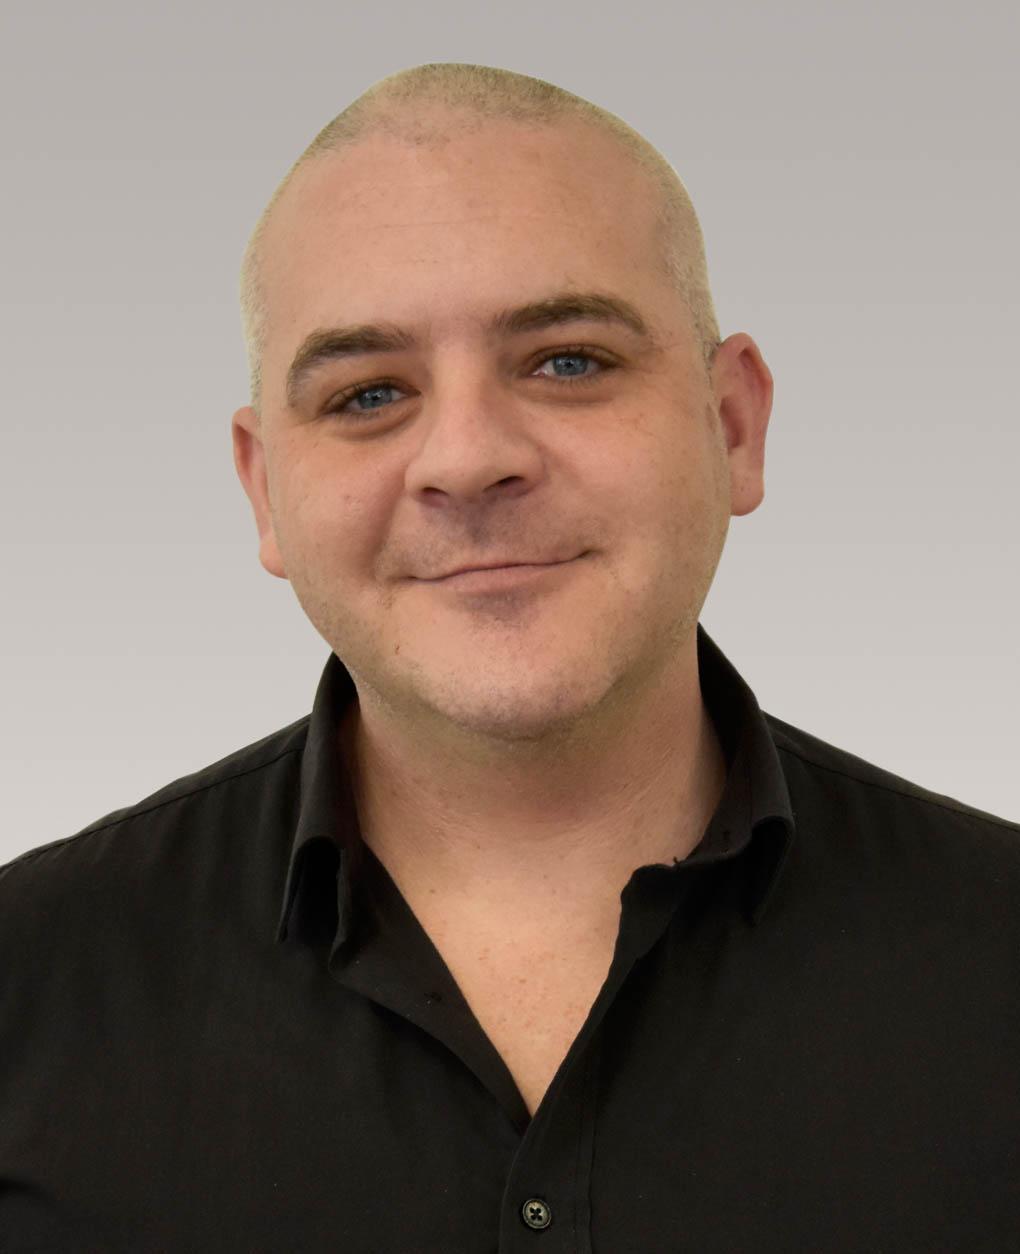 Dénes-Novák Krisztián